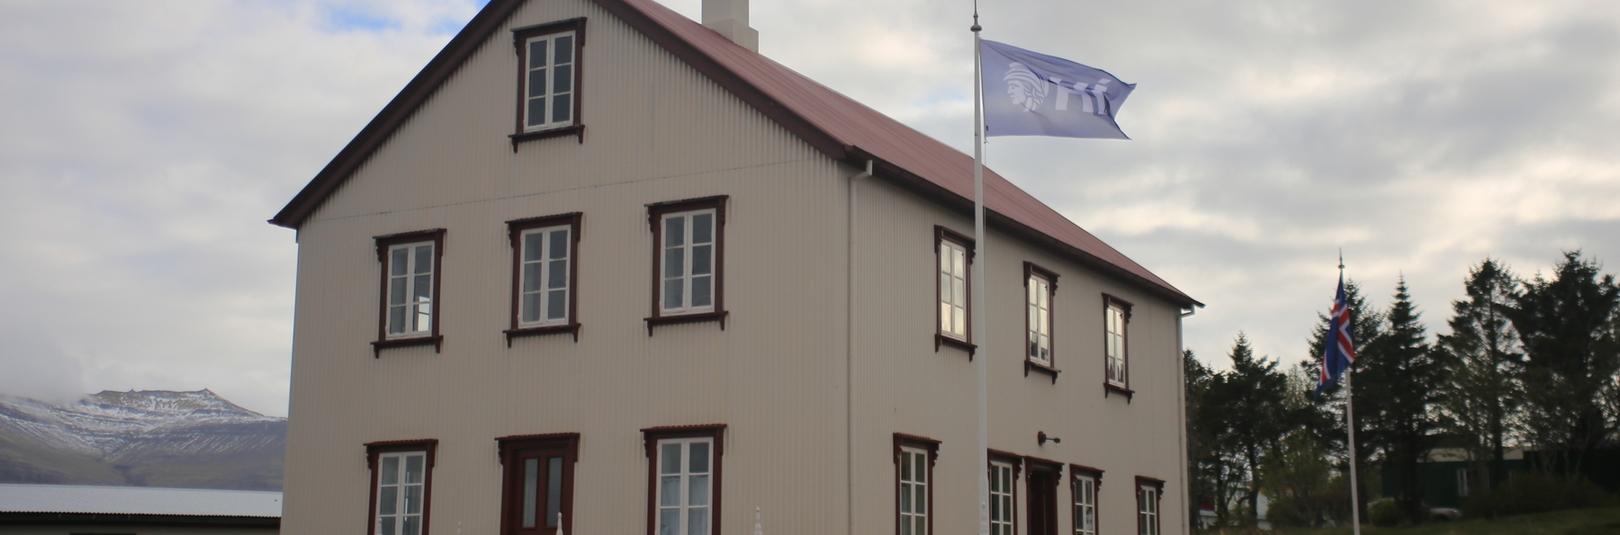 Rannsóknasetur HÍ á Breiðdalsvík tekið til starfa - á vefsíðu Háskóla Íslands